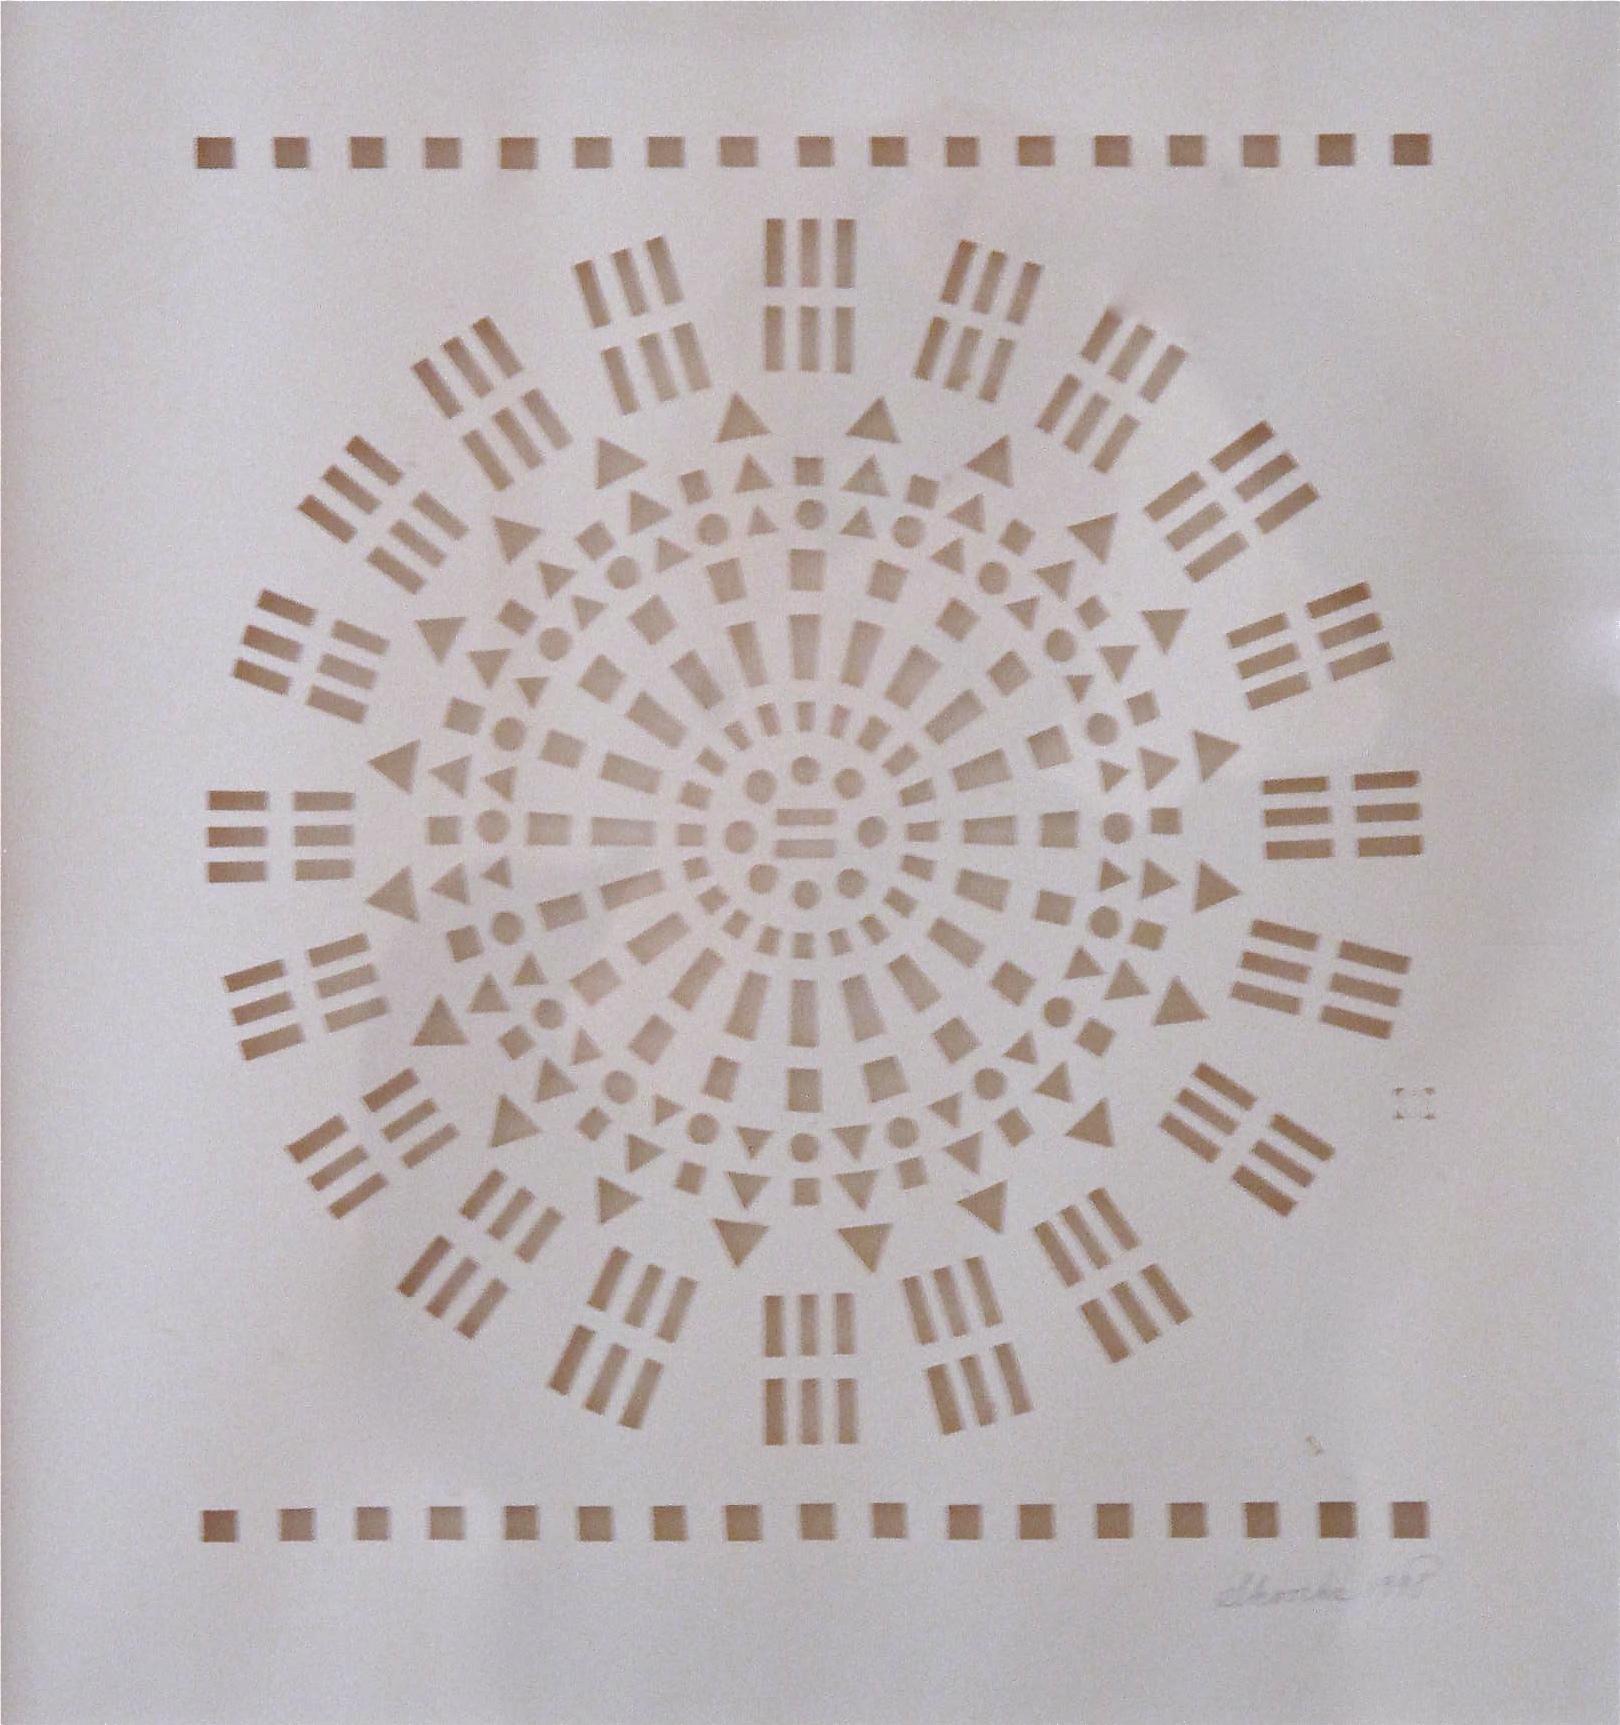 Susan Skoorka, Sunspots